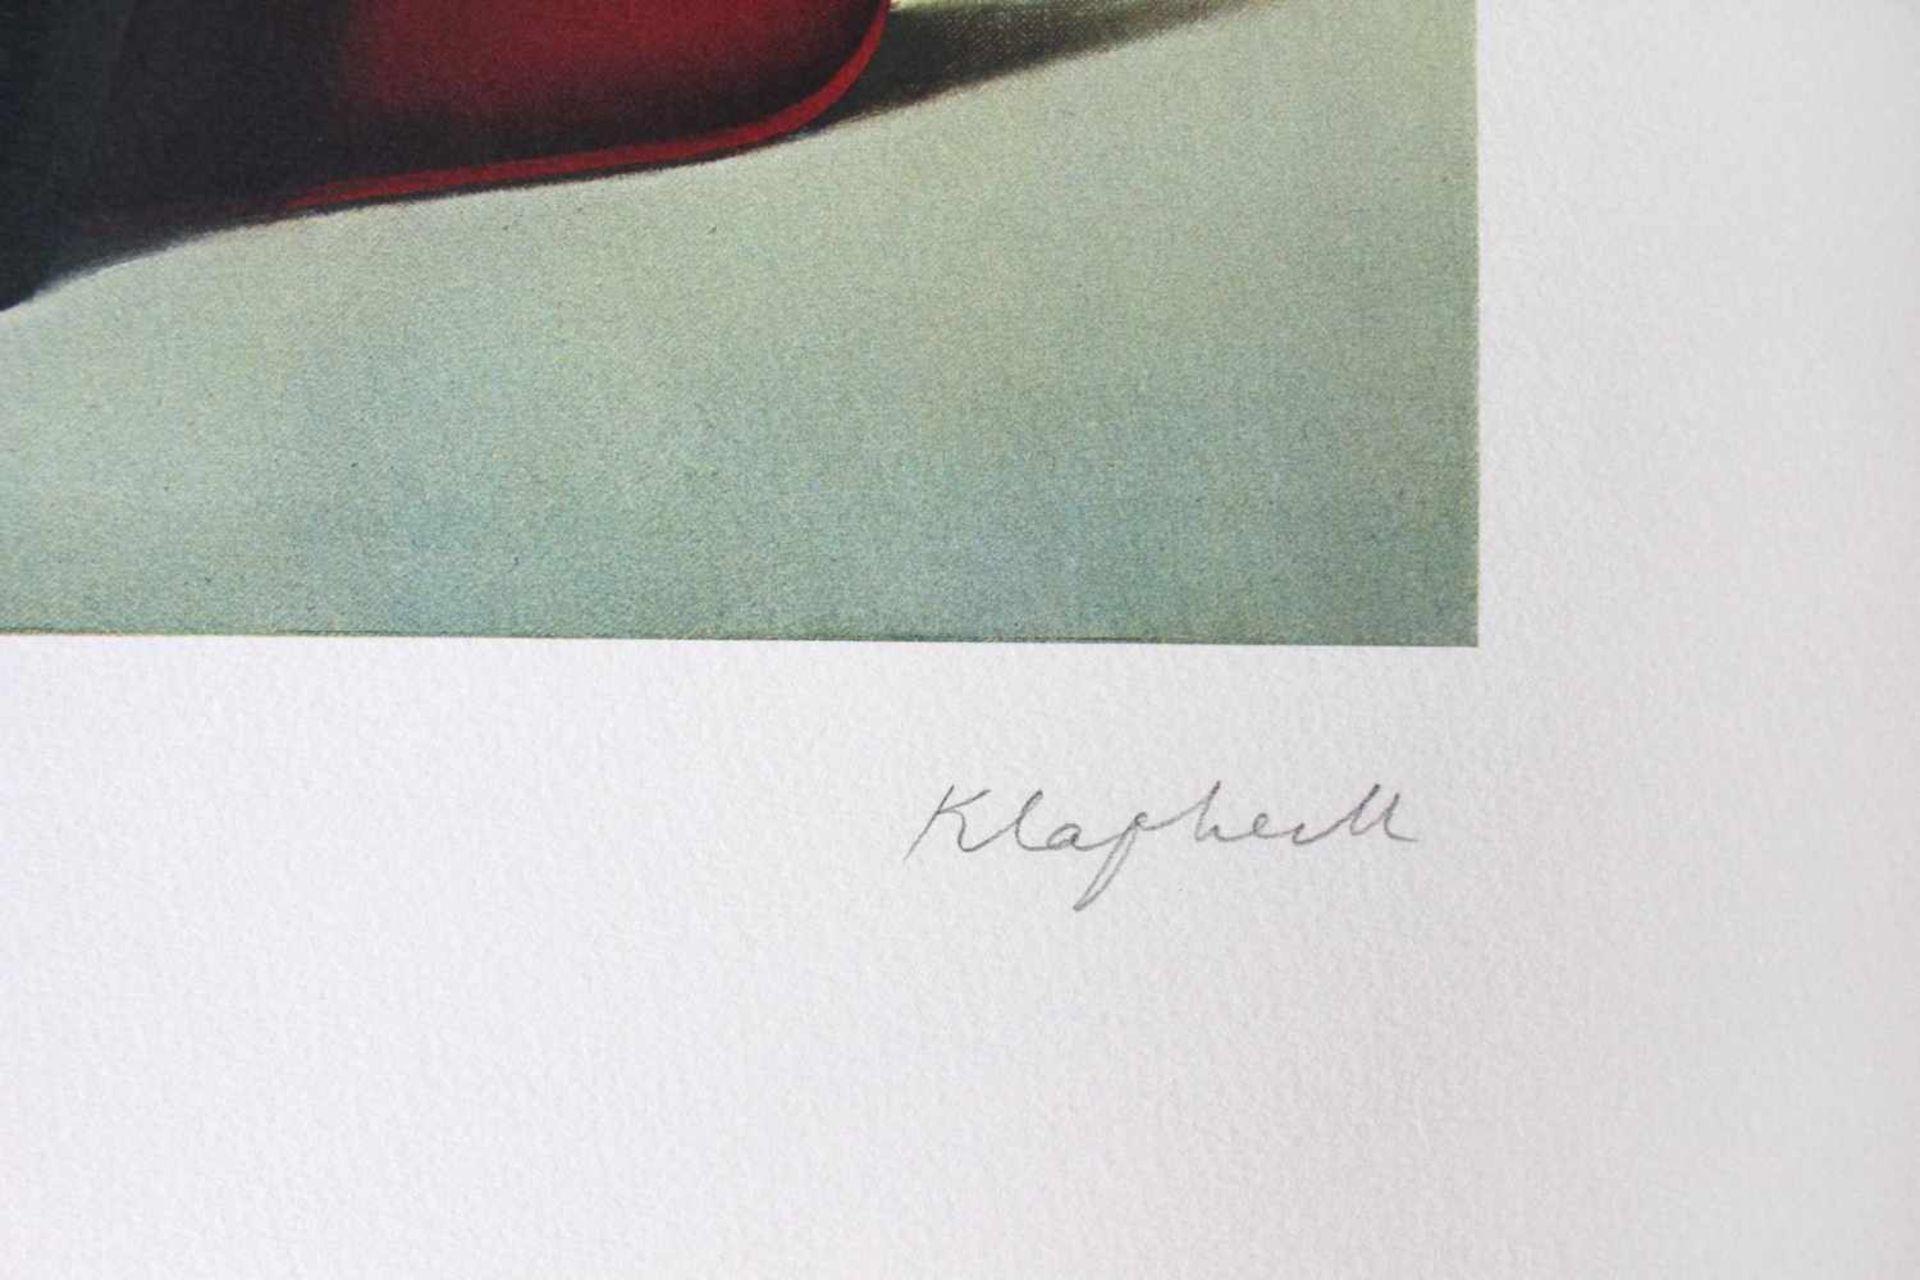 Konrad Klapheck geb. 1935 Bügeleisen / Dragon du foyer 1980 Farblithographie handsigniert und - Bild 3 aus 4